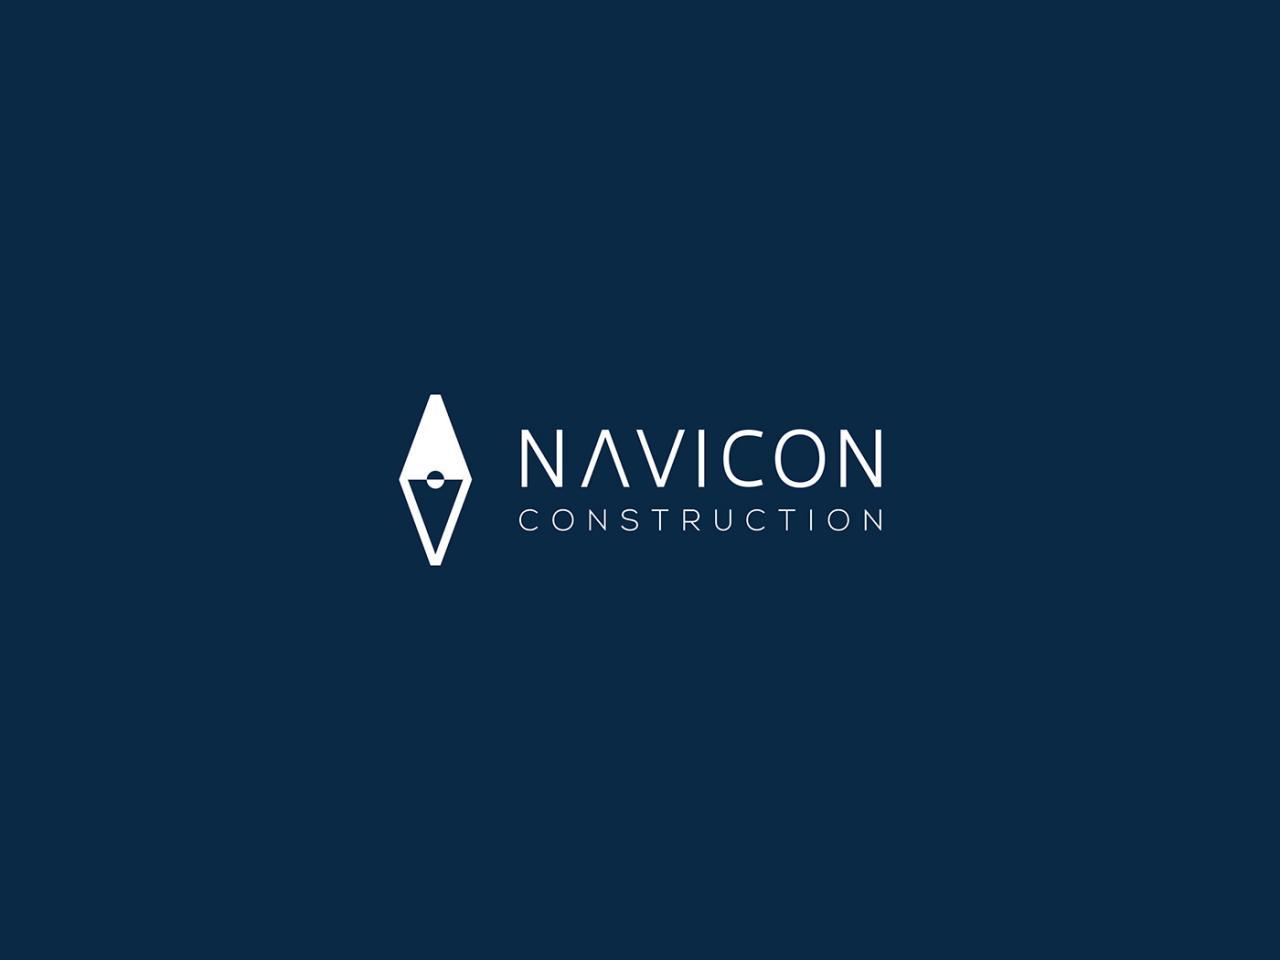 Imagen de Navicon Construction por Movidagrafica